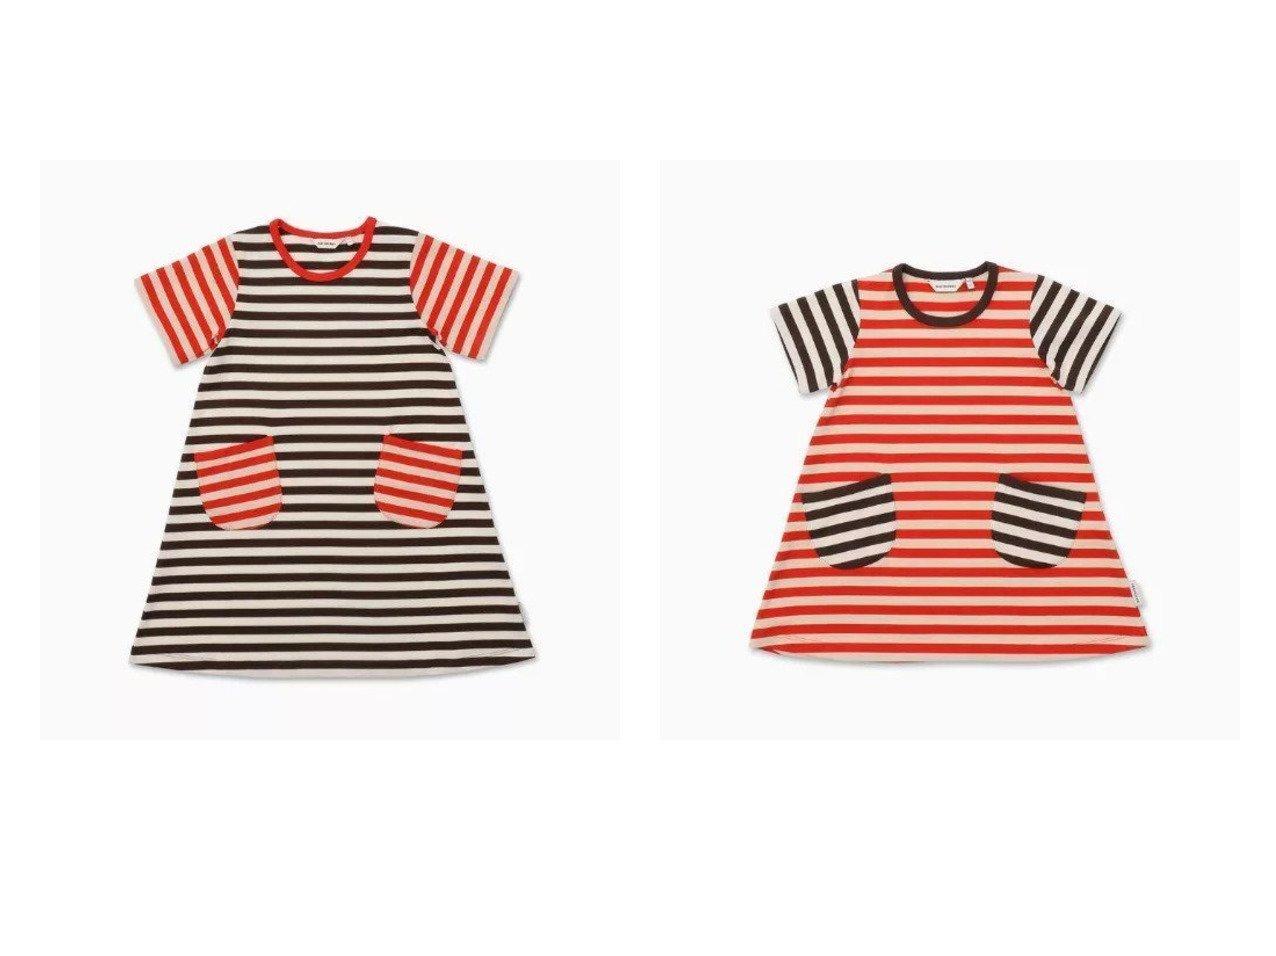 【marimekko / KIDS/マリメッコ】の[Kids]Ahde Tasaraita 2 ワンピース&[Kids]Ahde Tasaraita 1 ワンピース 【KIDS】子供服のおすすめ!人気トレンド・キッズファッションの通販  おすすめで人気の流行・トレンド、ファッションの通販商品 メンズファッション・キッズファッション・インテリア・家具・レディースファッション・服の通販 founy(ファニー) https://founy.com/ ファッション Fashion キッズファッション KIDS ワンピース Dress/Kids おすすめ Recommend ジャージー パターン パッチ ボーダー ポケット レギンス  ID:crp329100000027202